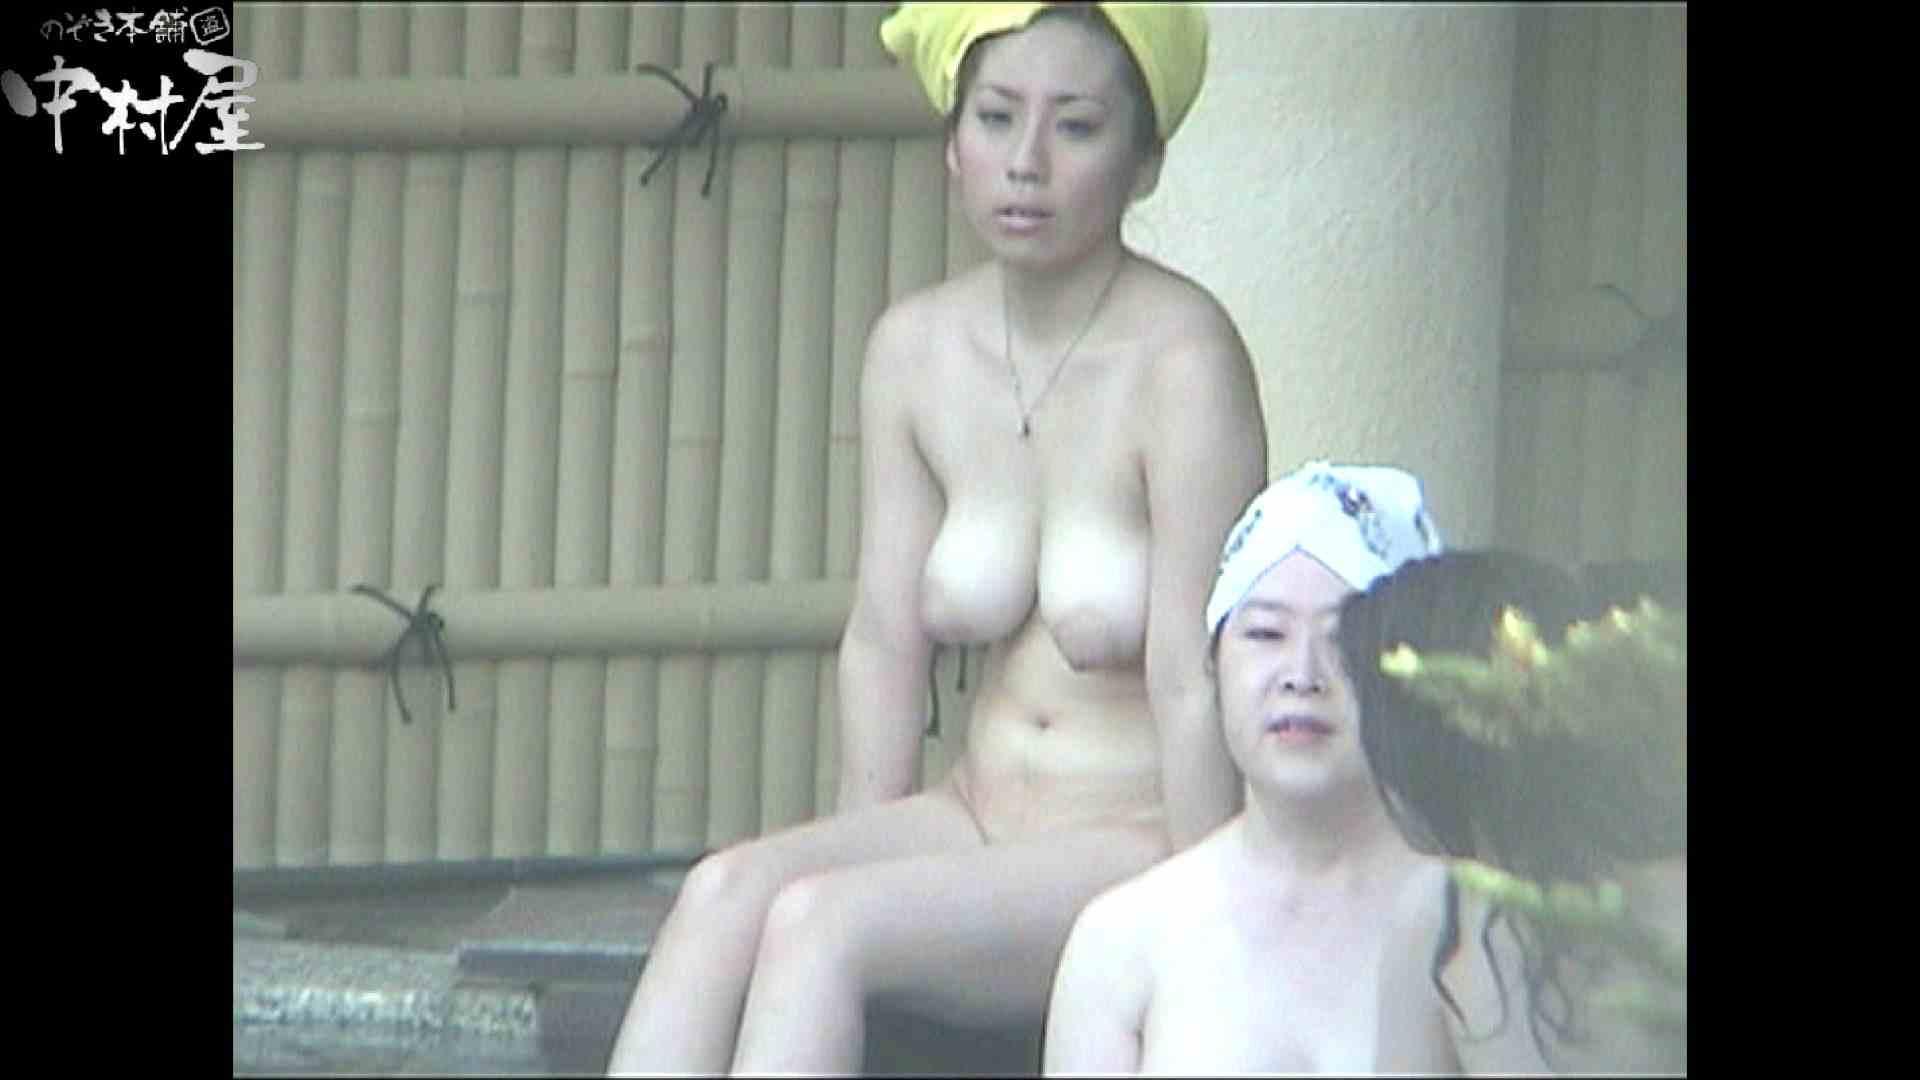 Aquaな露天風呂Vol.902 美しいOLの裸体 盗撮動画紹介 104pic 23